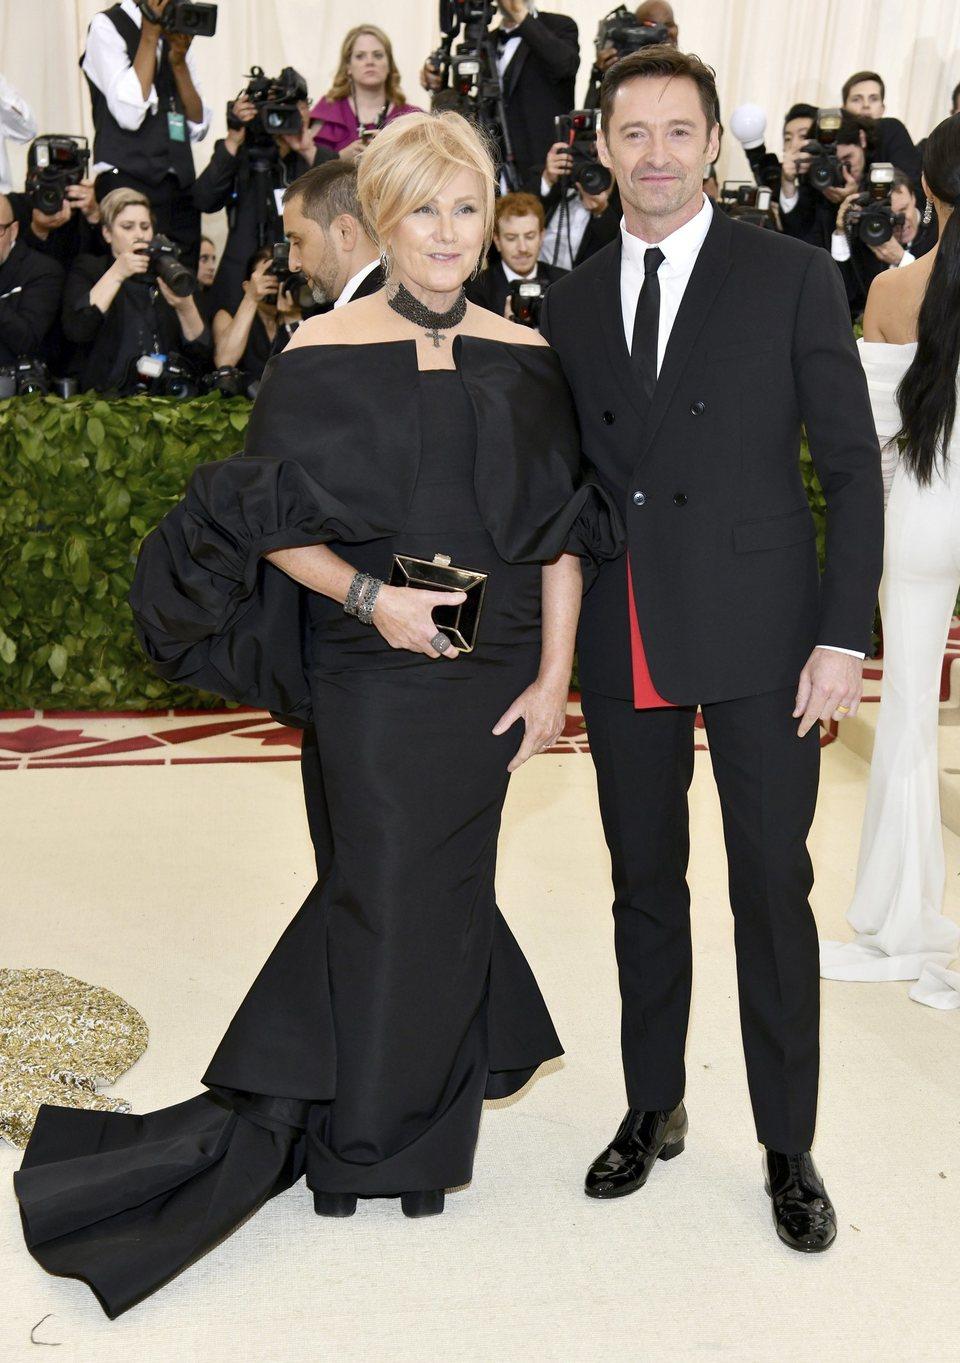 Hugh Jackman and his wife Deborra-Lee Furness at the Met Gala 2018